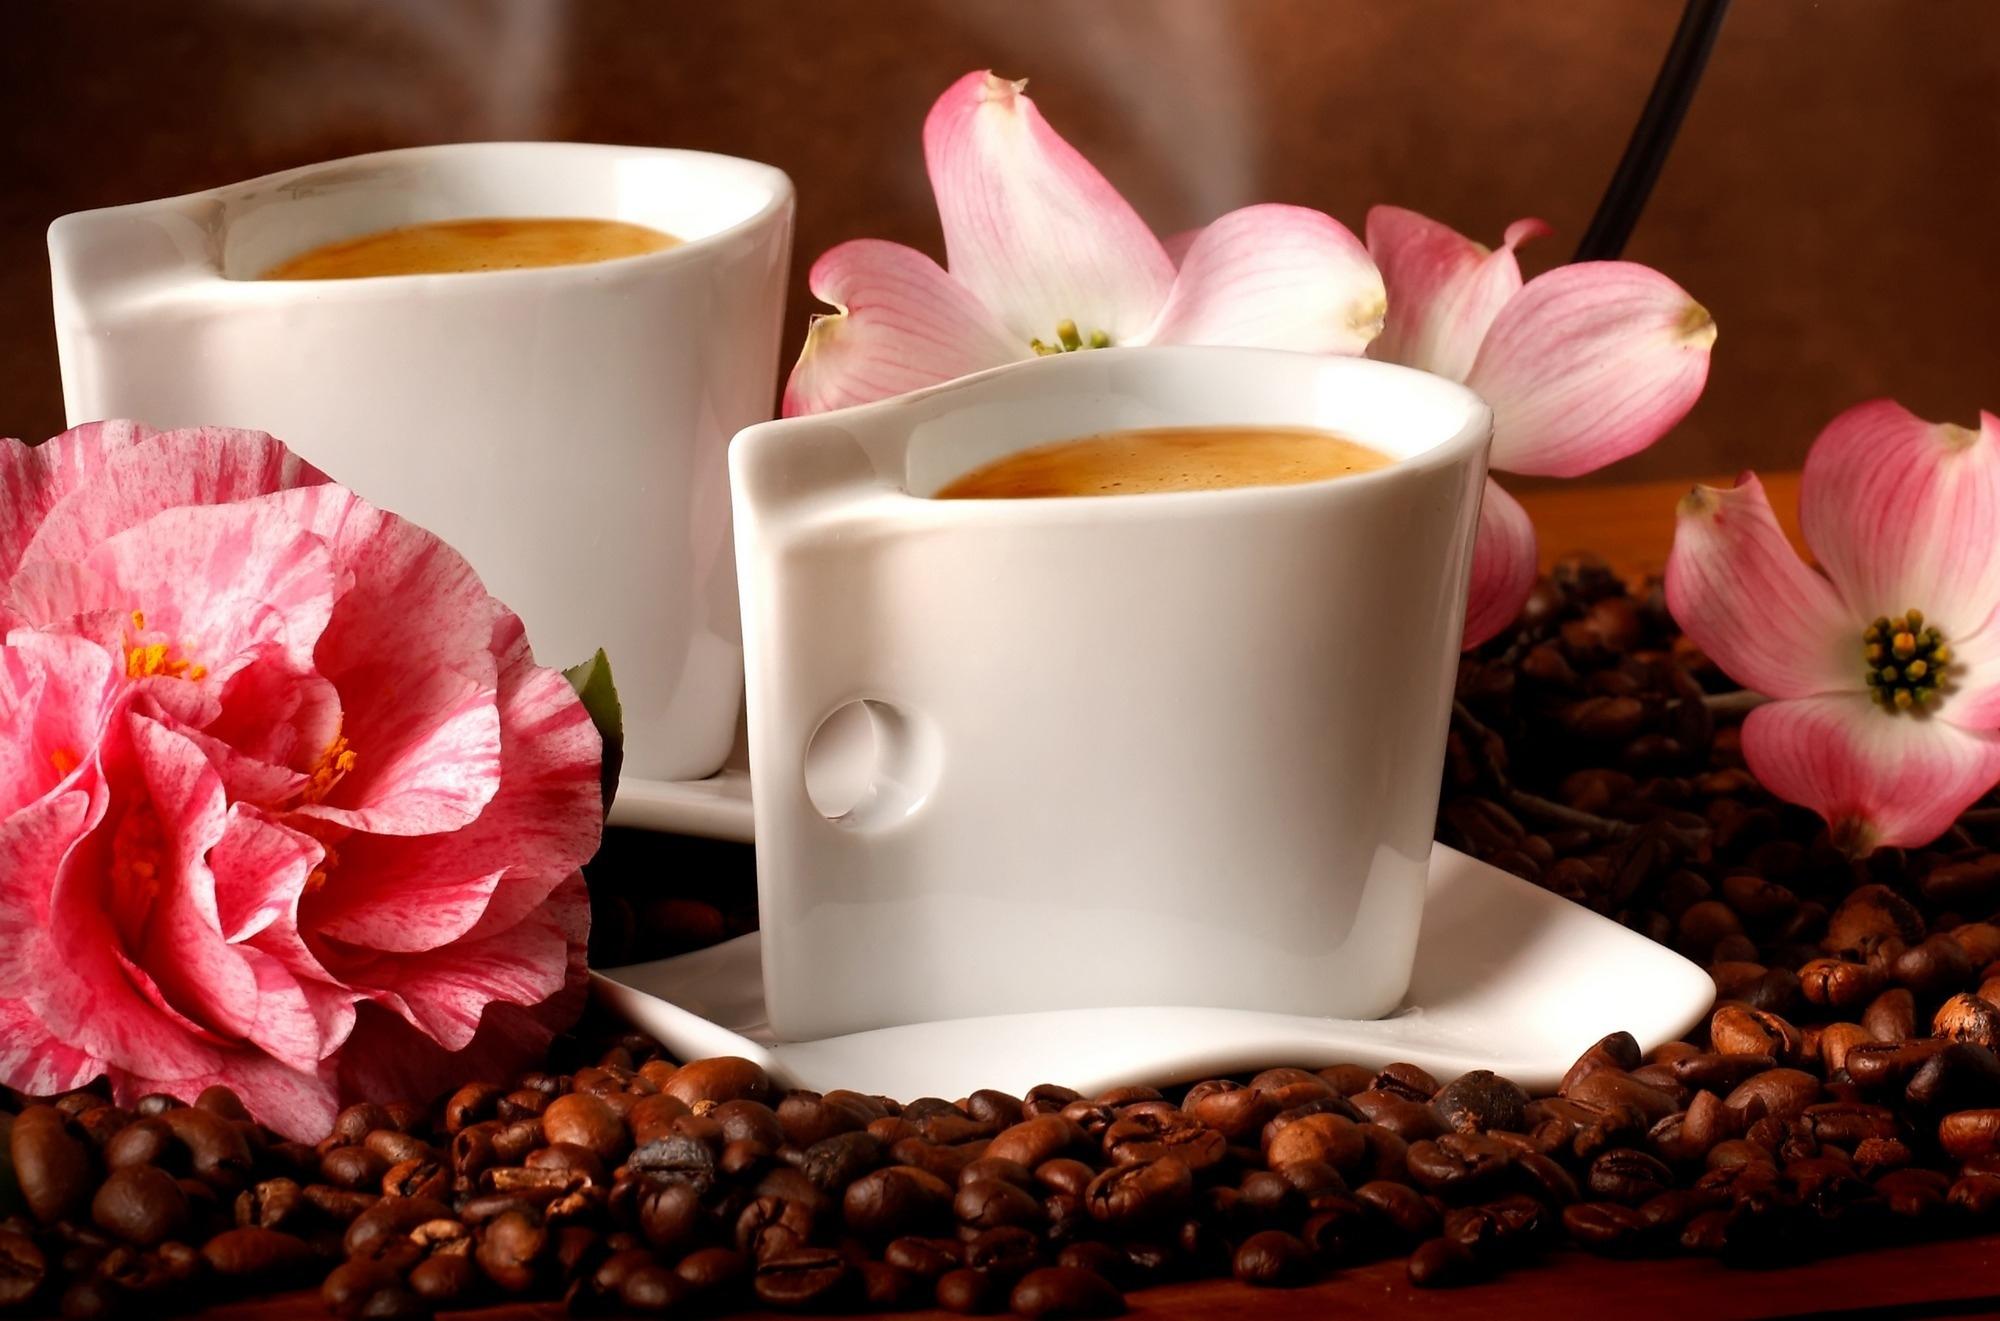 Картинки с утренним кофе и цветами, котята обнимаются открытки